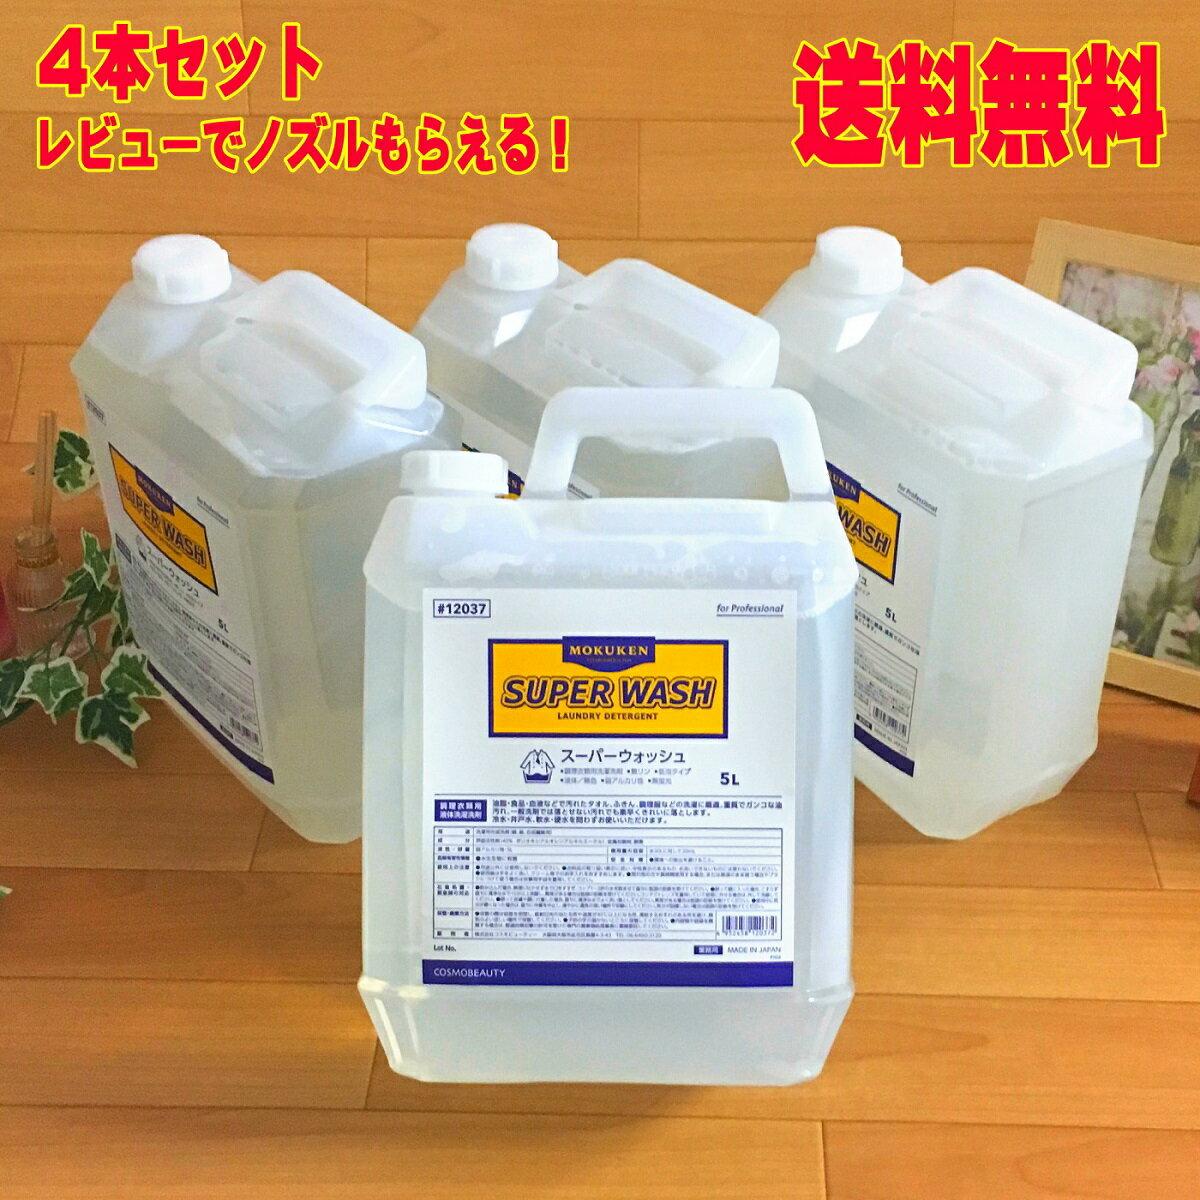 業務用 衣料洗剤 スーパーウォッシュ 5L×4本セット エステオイル マッサージ オイルに強力 タオル用 洗濯洗剤 油汚れ 液体 強力 洗剤 ノズル コスモビューティー 12037-4 送料無料